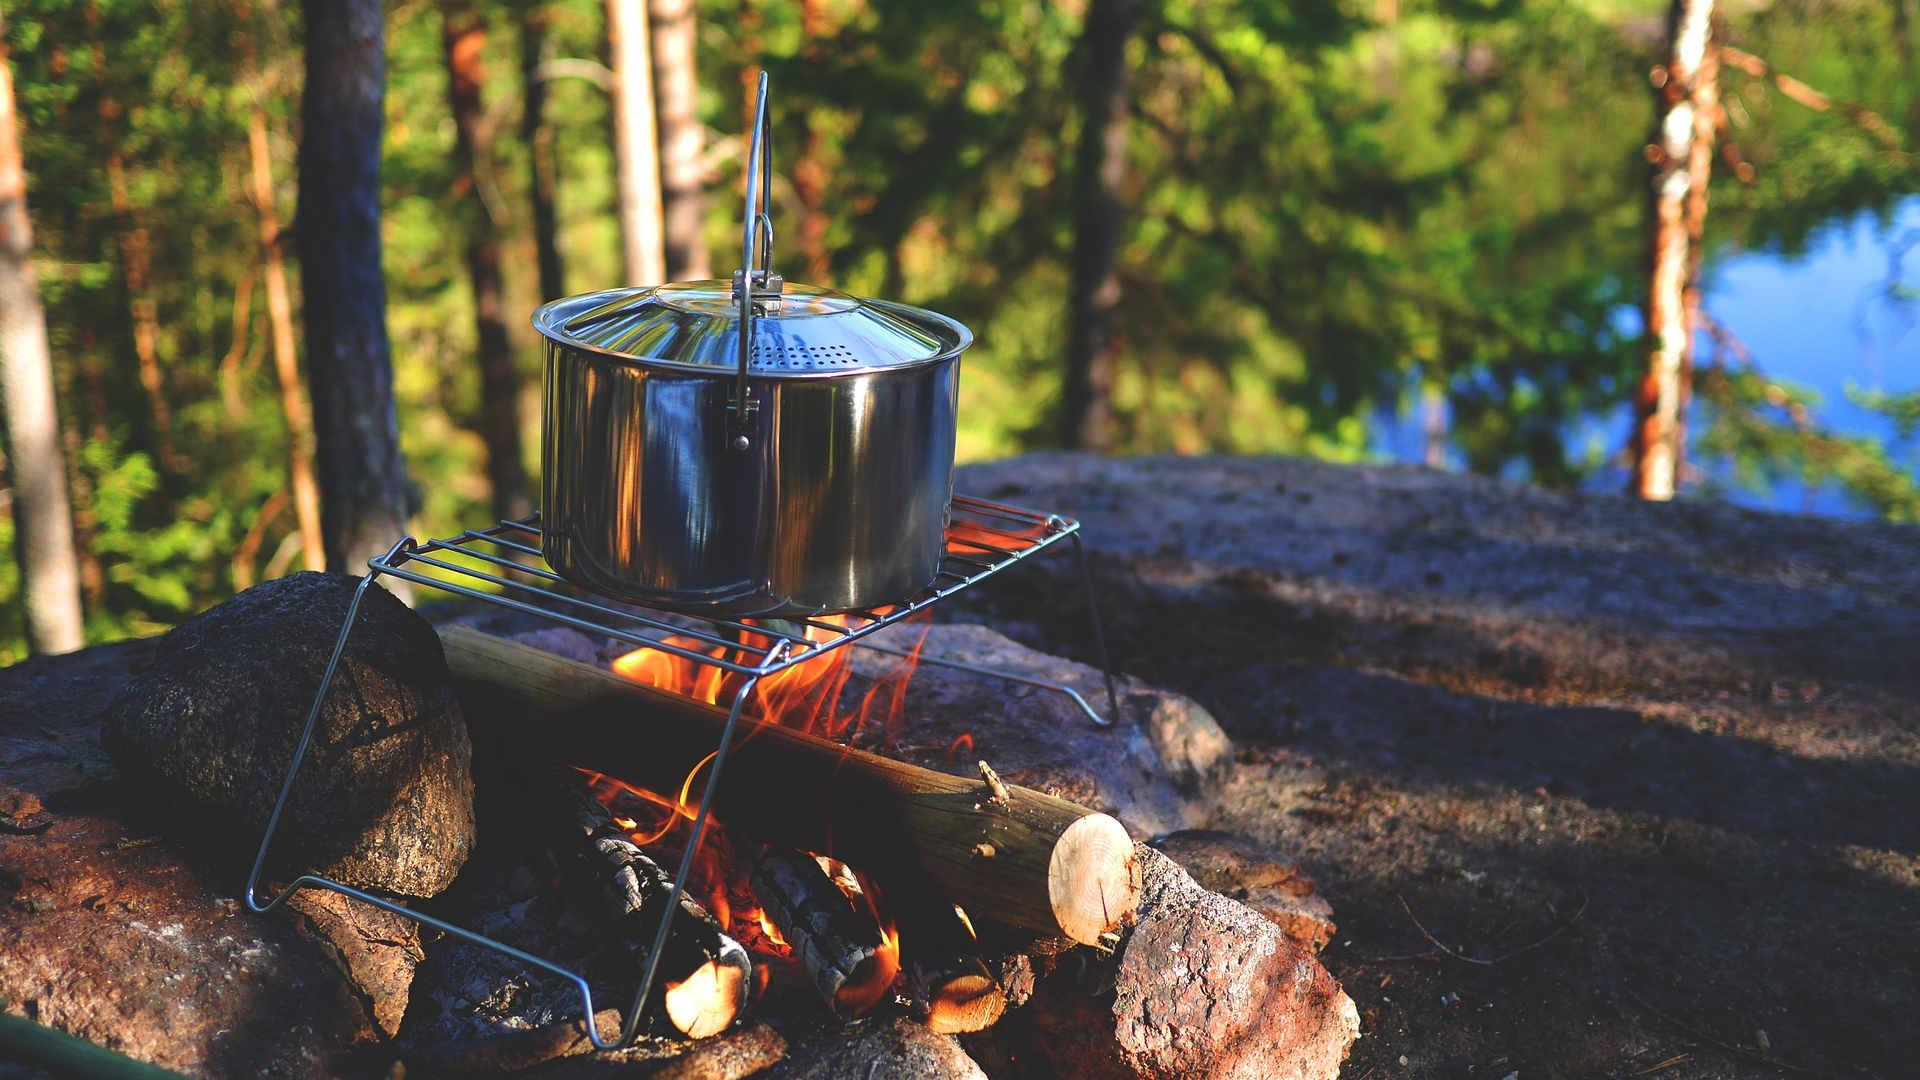 Outdoor Küche Camping Rezepte : Camping rezepte draußen kochen beim campen